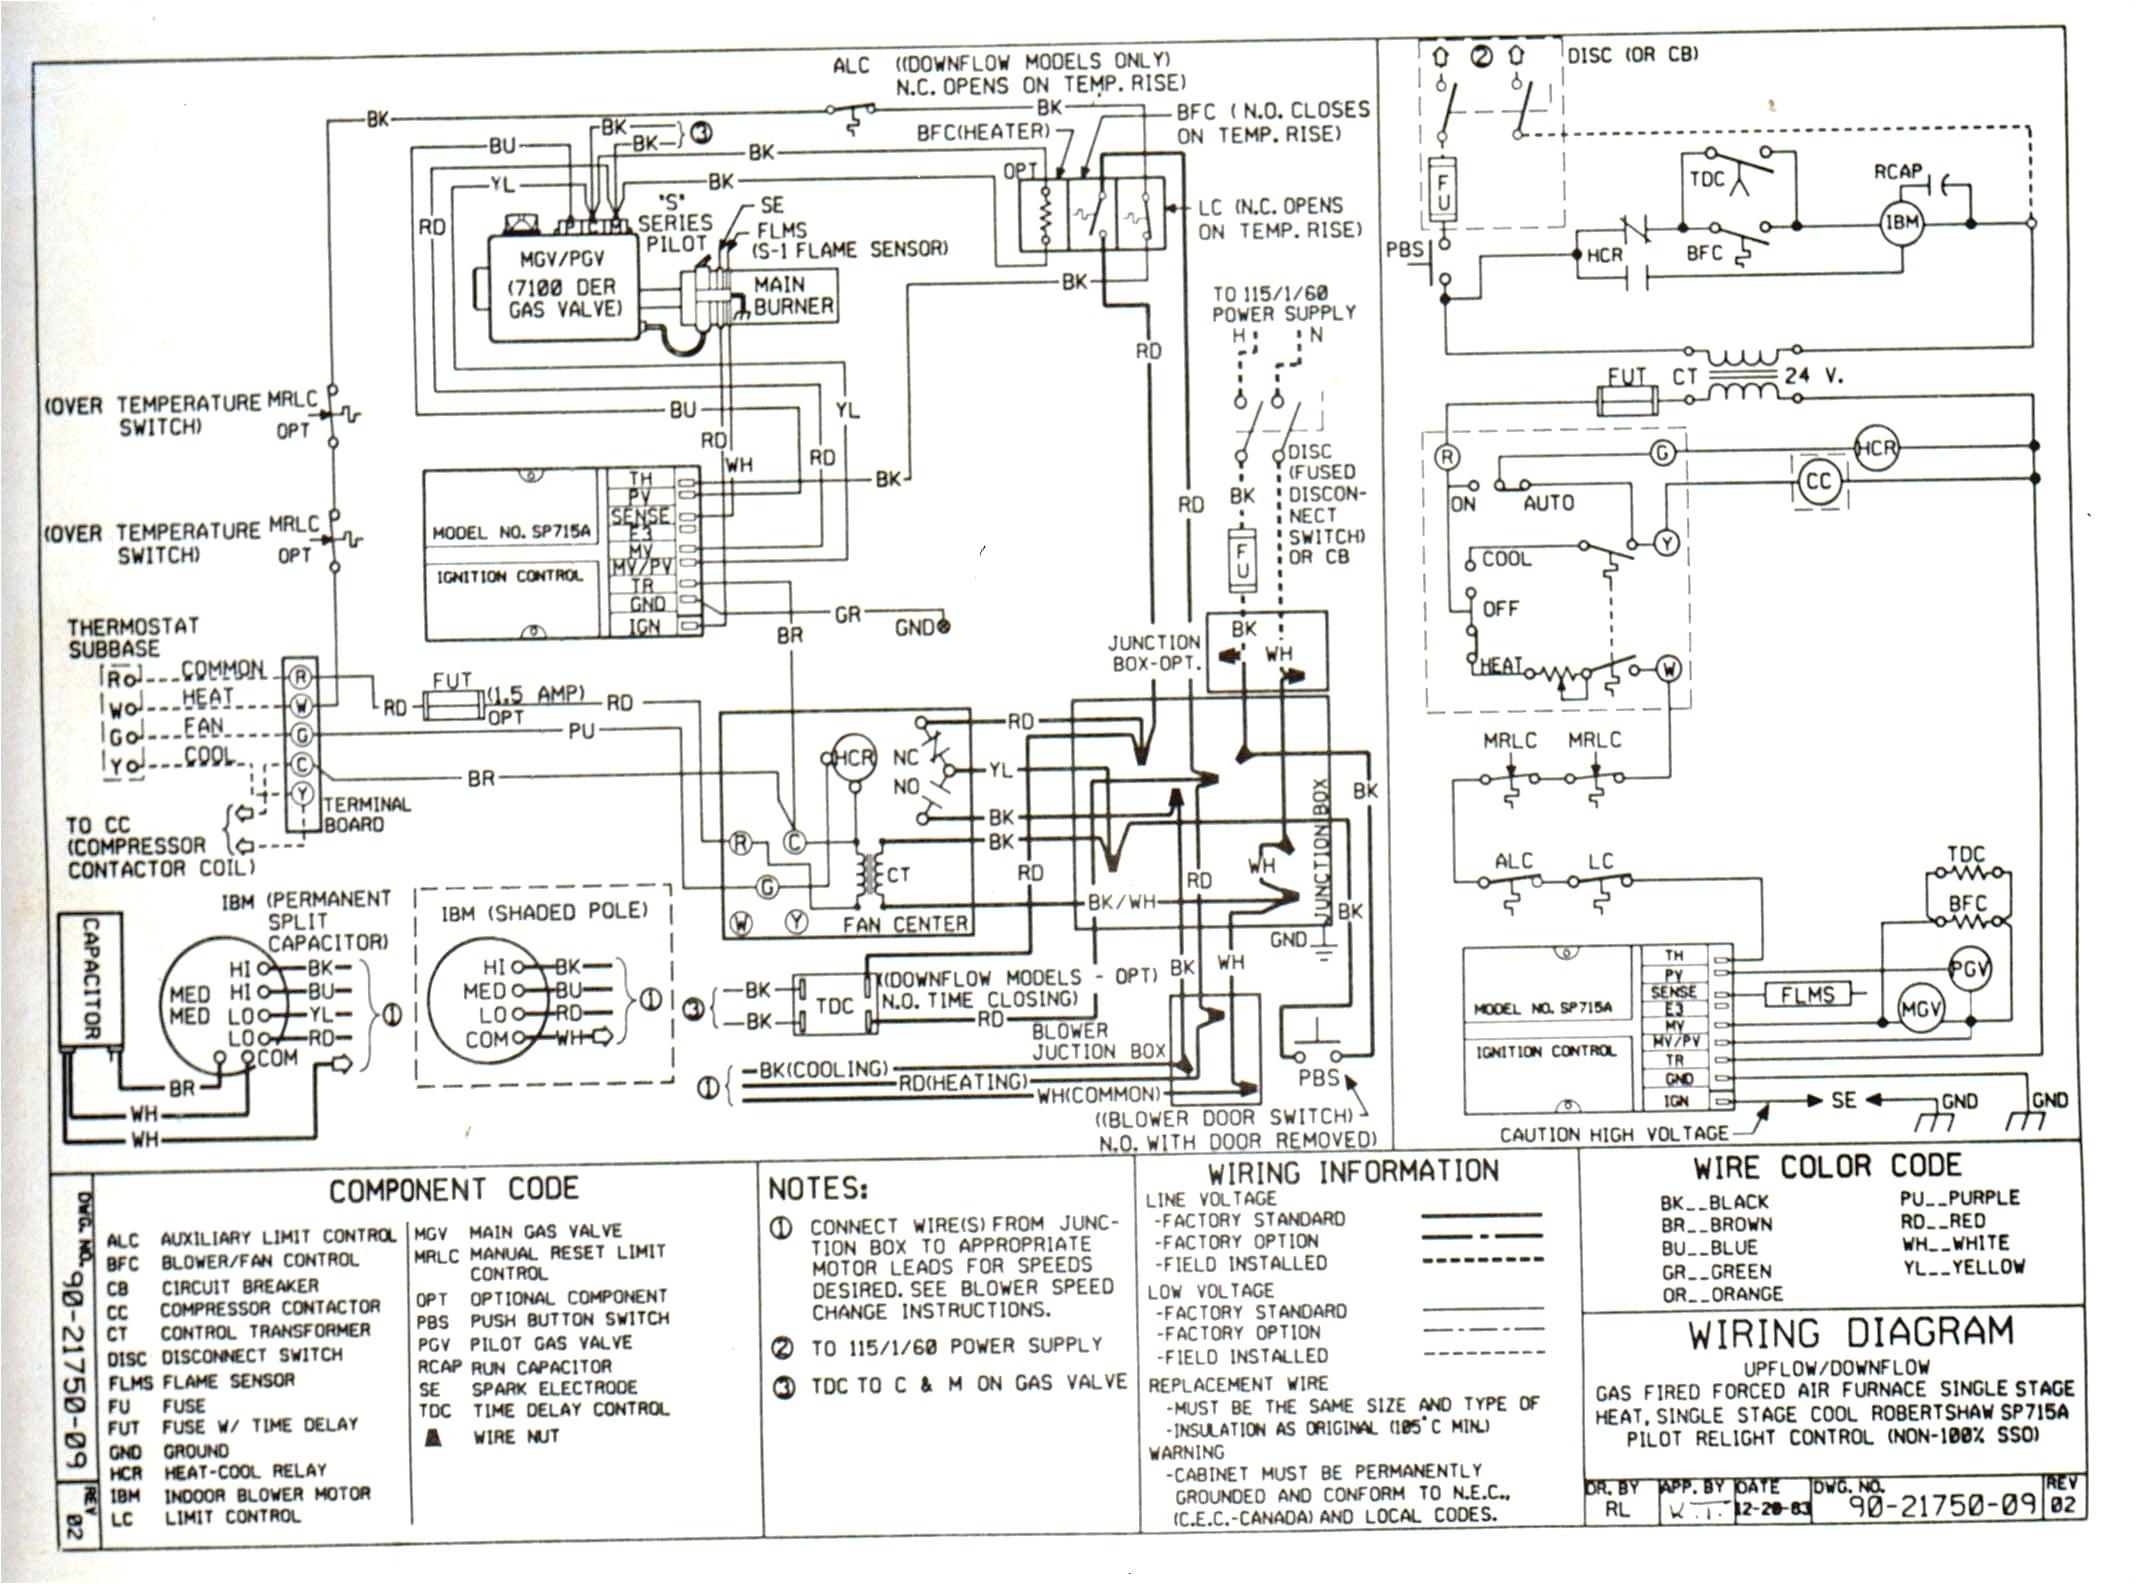 f53 ac diagram wiring diagram wire diagram oem ford f53 v1 0